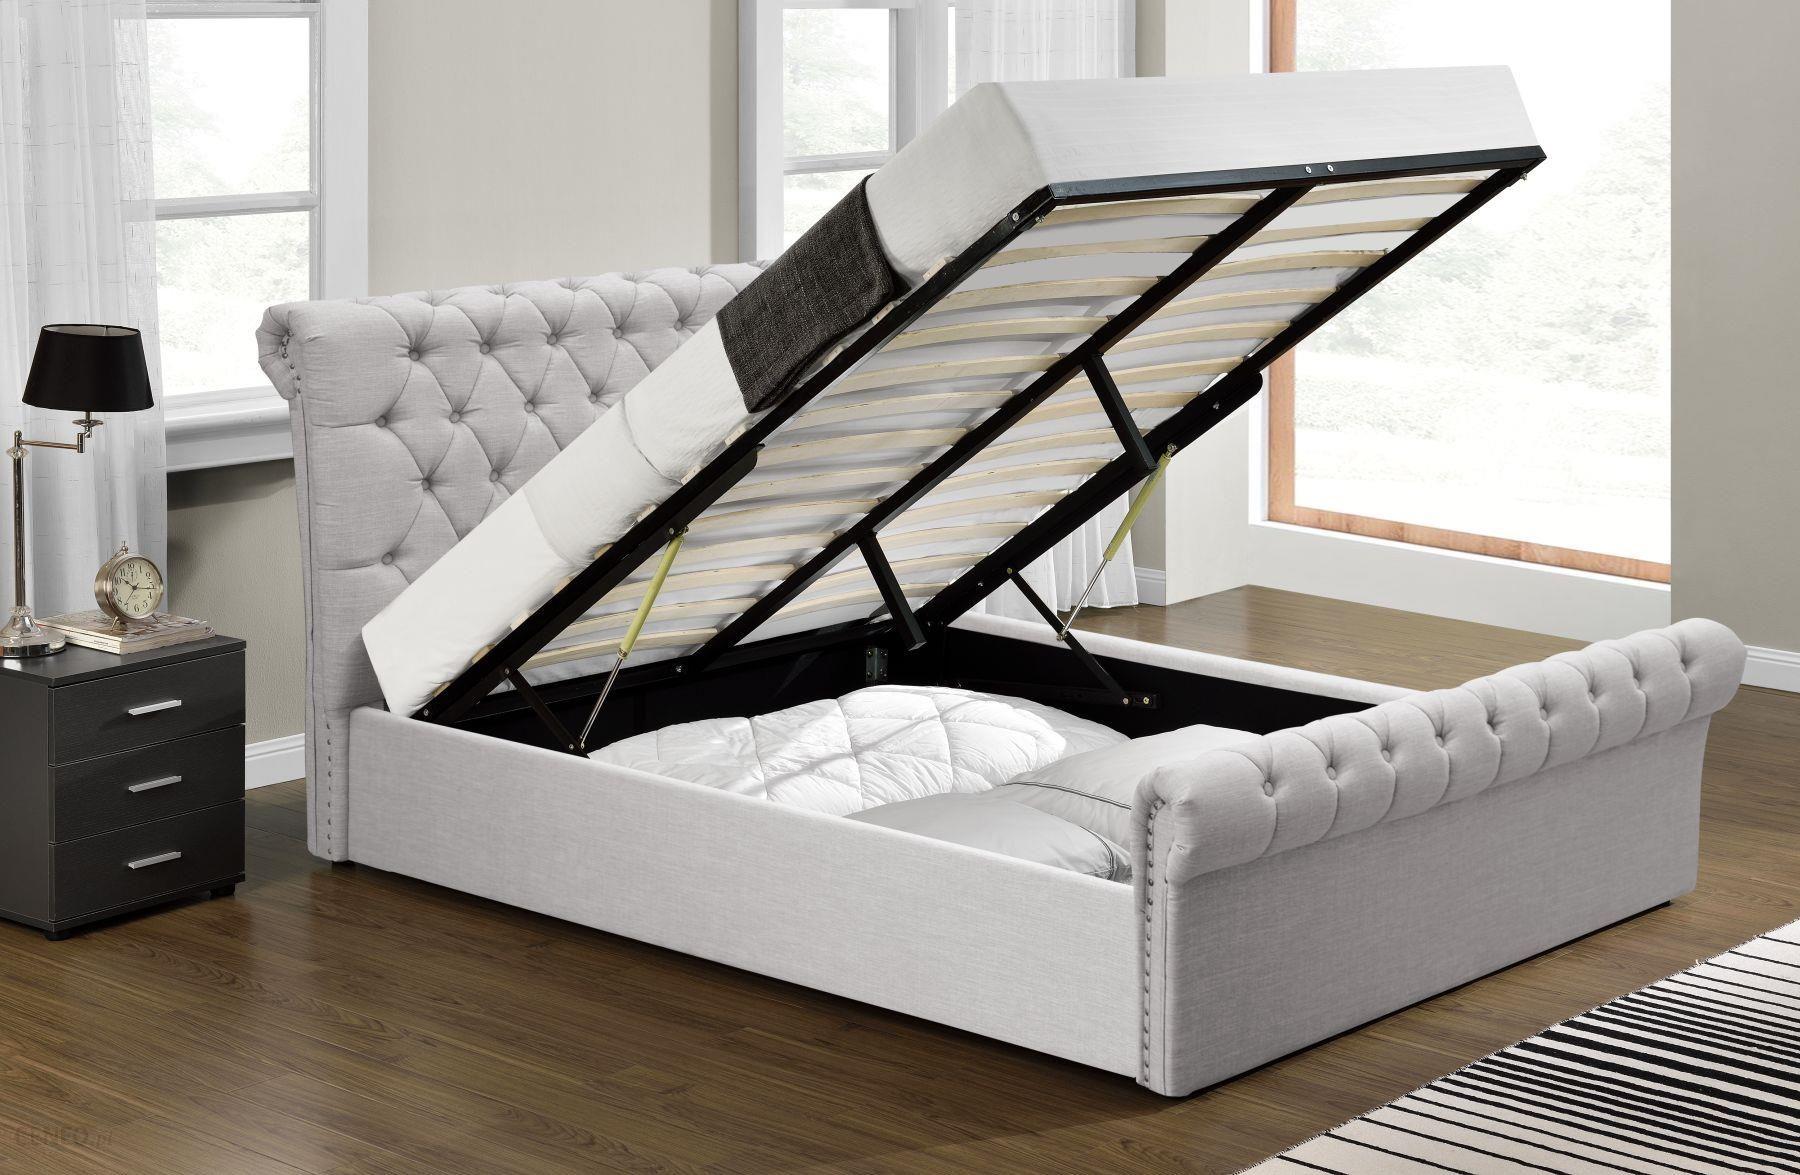 Meblemwm łóżko Tapicerowane 160x200 1298g Beż Z Materacem Opinie I Atrakcyjne Ceny Na Ceneopl